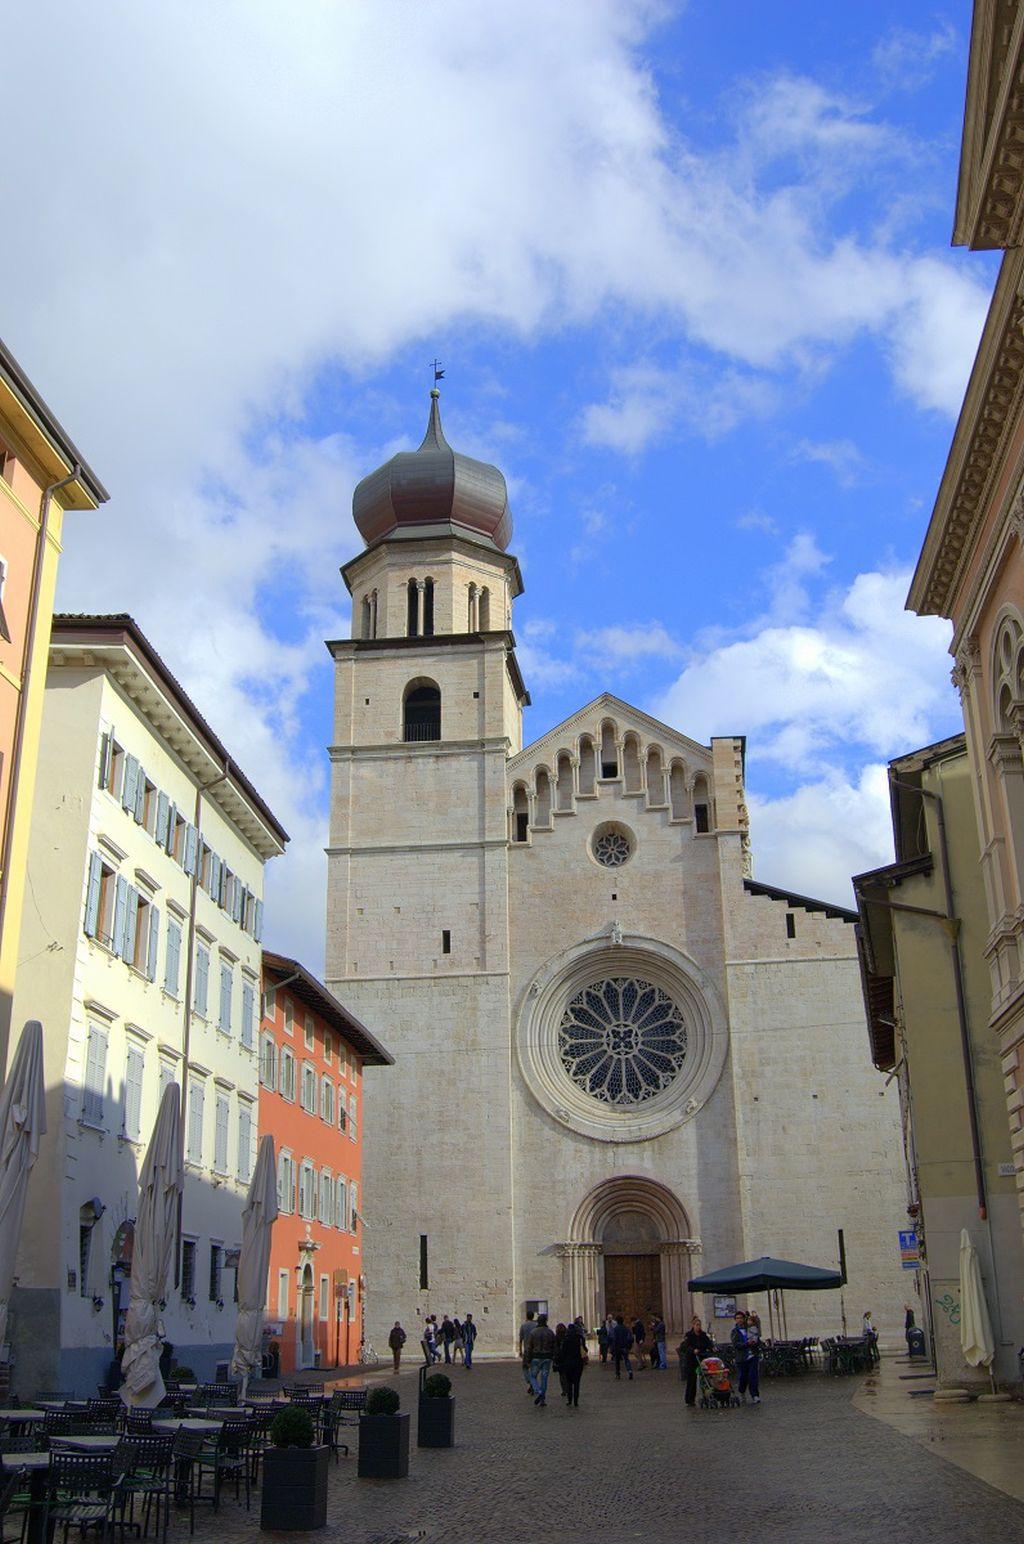 Trento Blick auf den Dom - weltvermessen.de (c) www.azzurro-diary.com